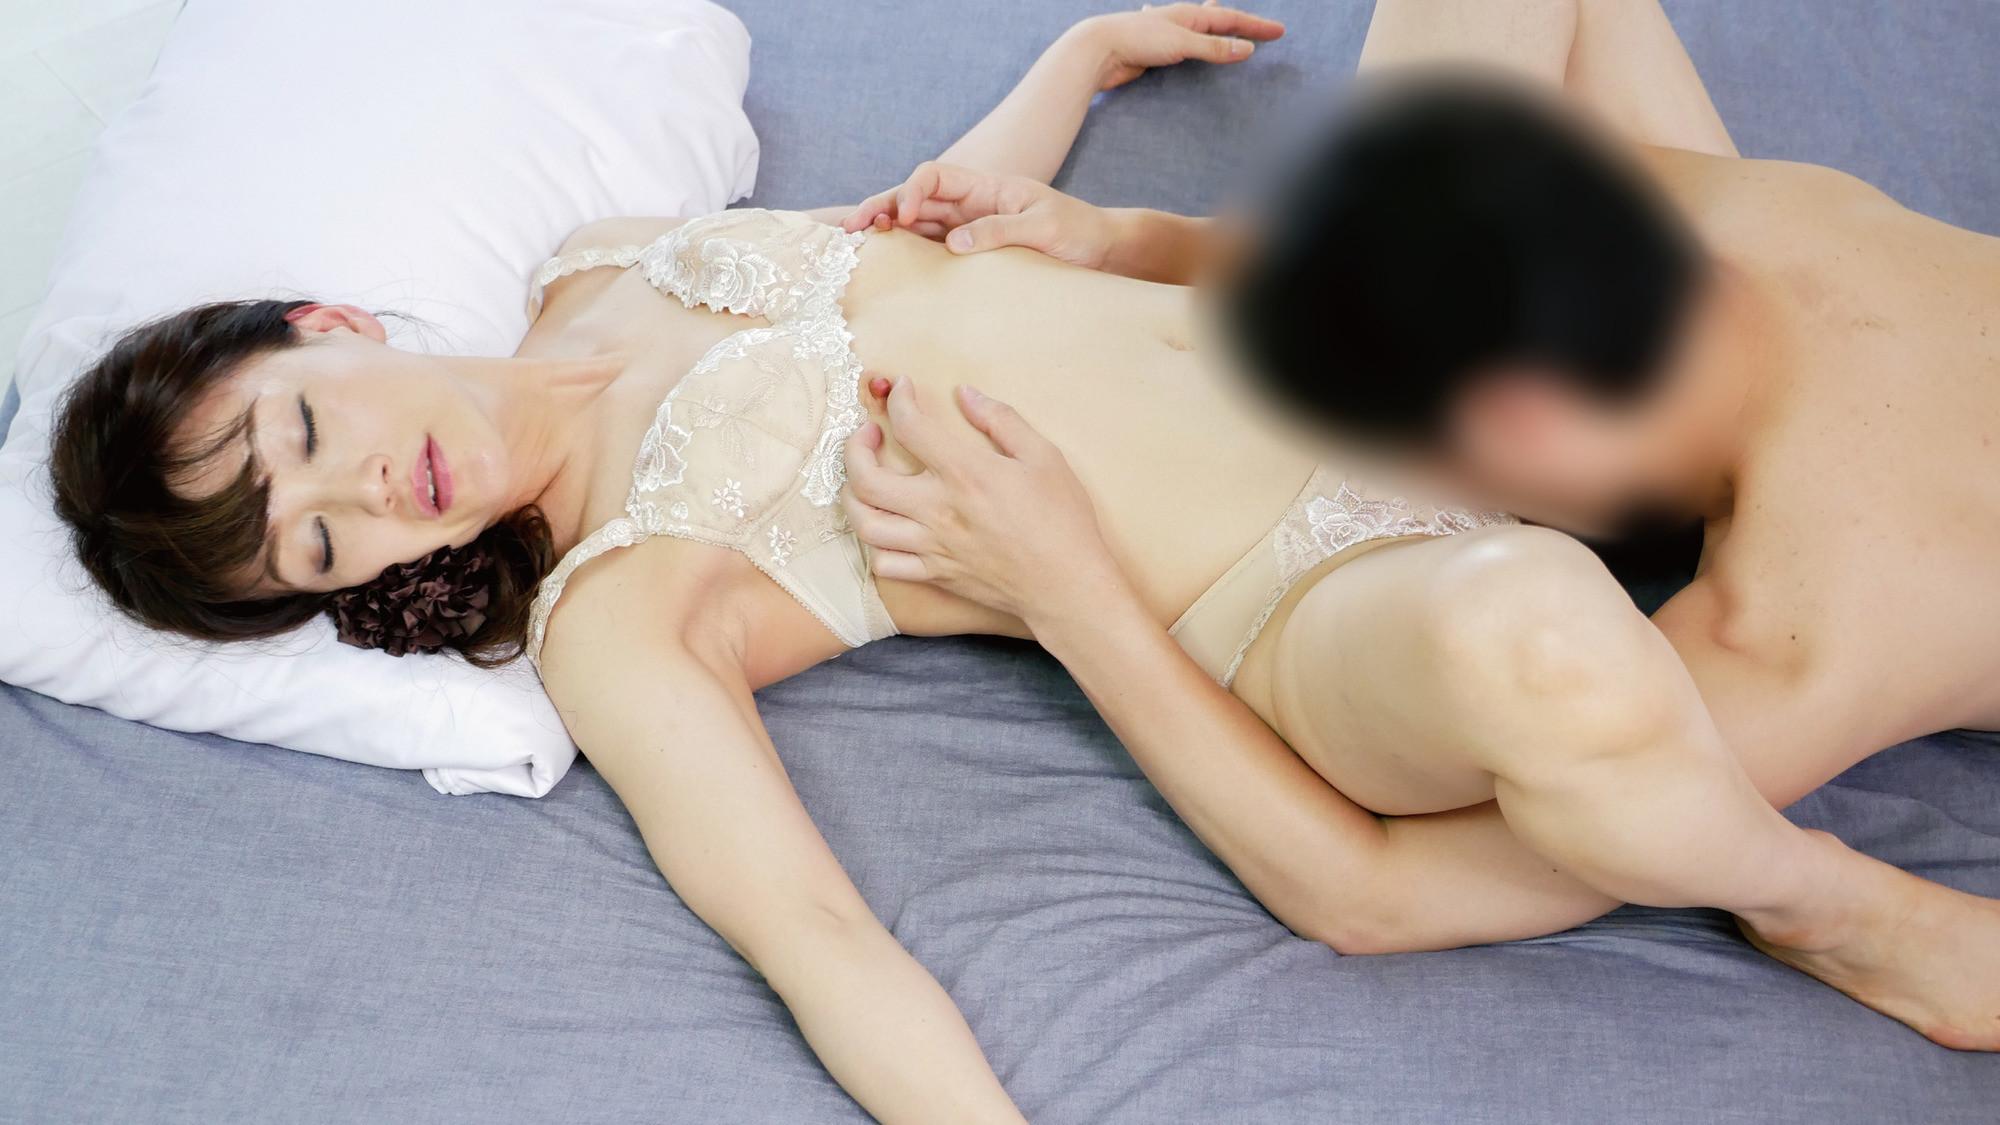 五十路現役ナース妻乳首コリコリ絶頂中出しセックス!! 画像1